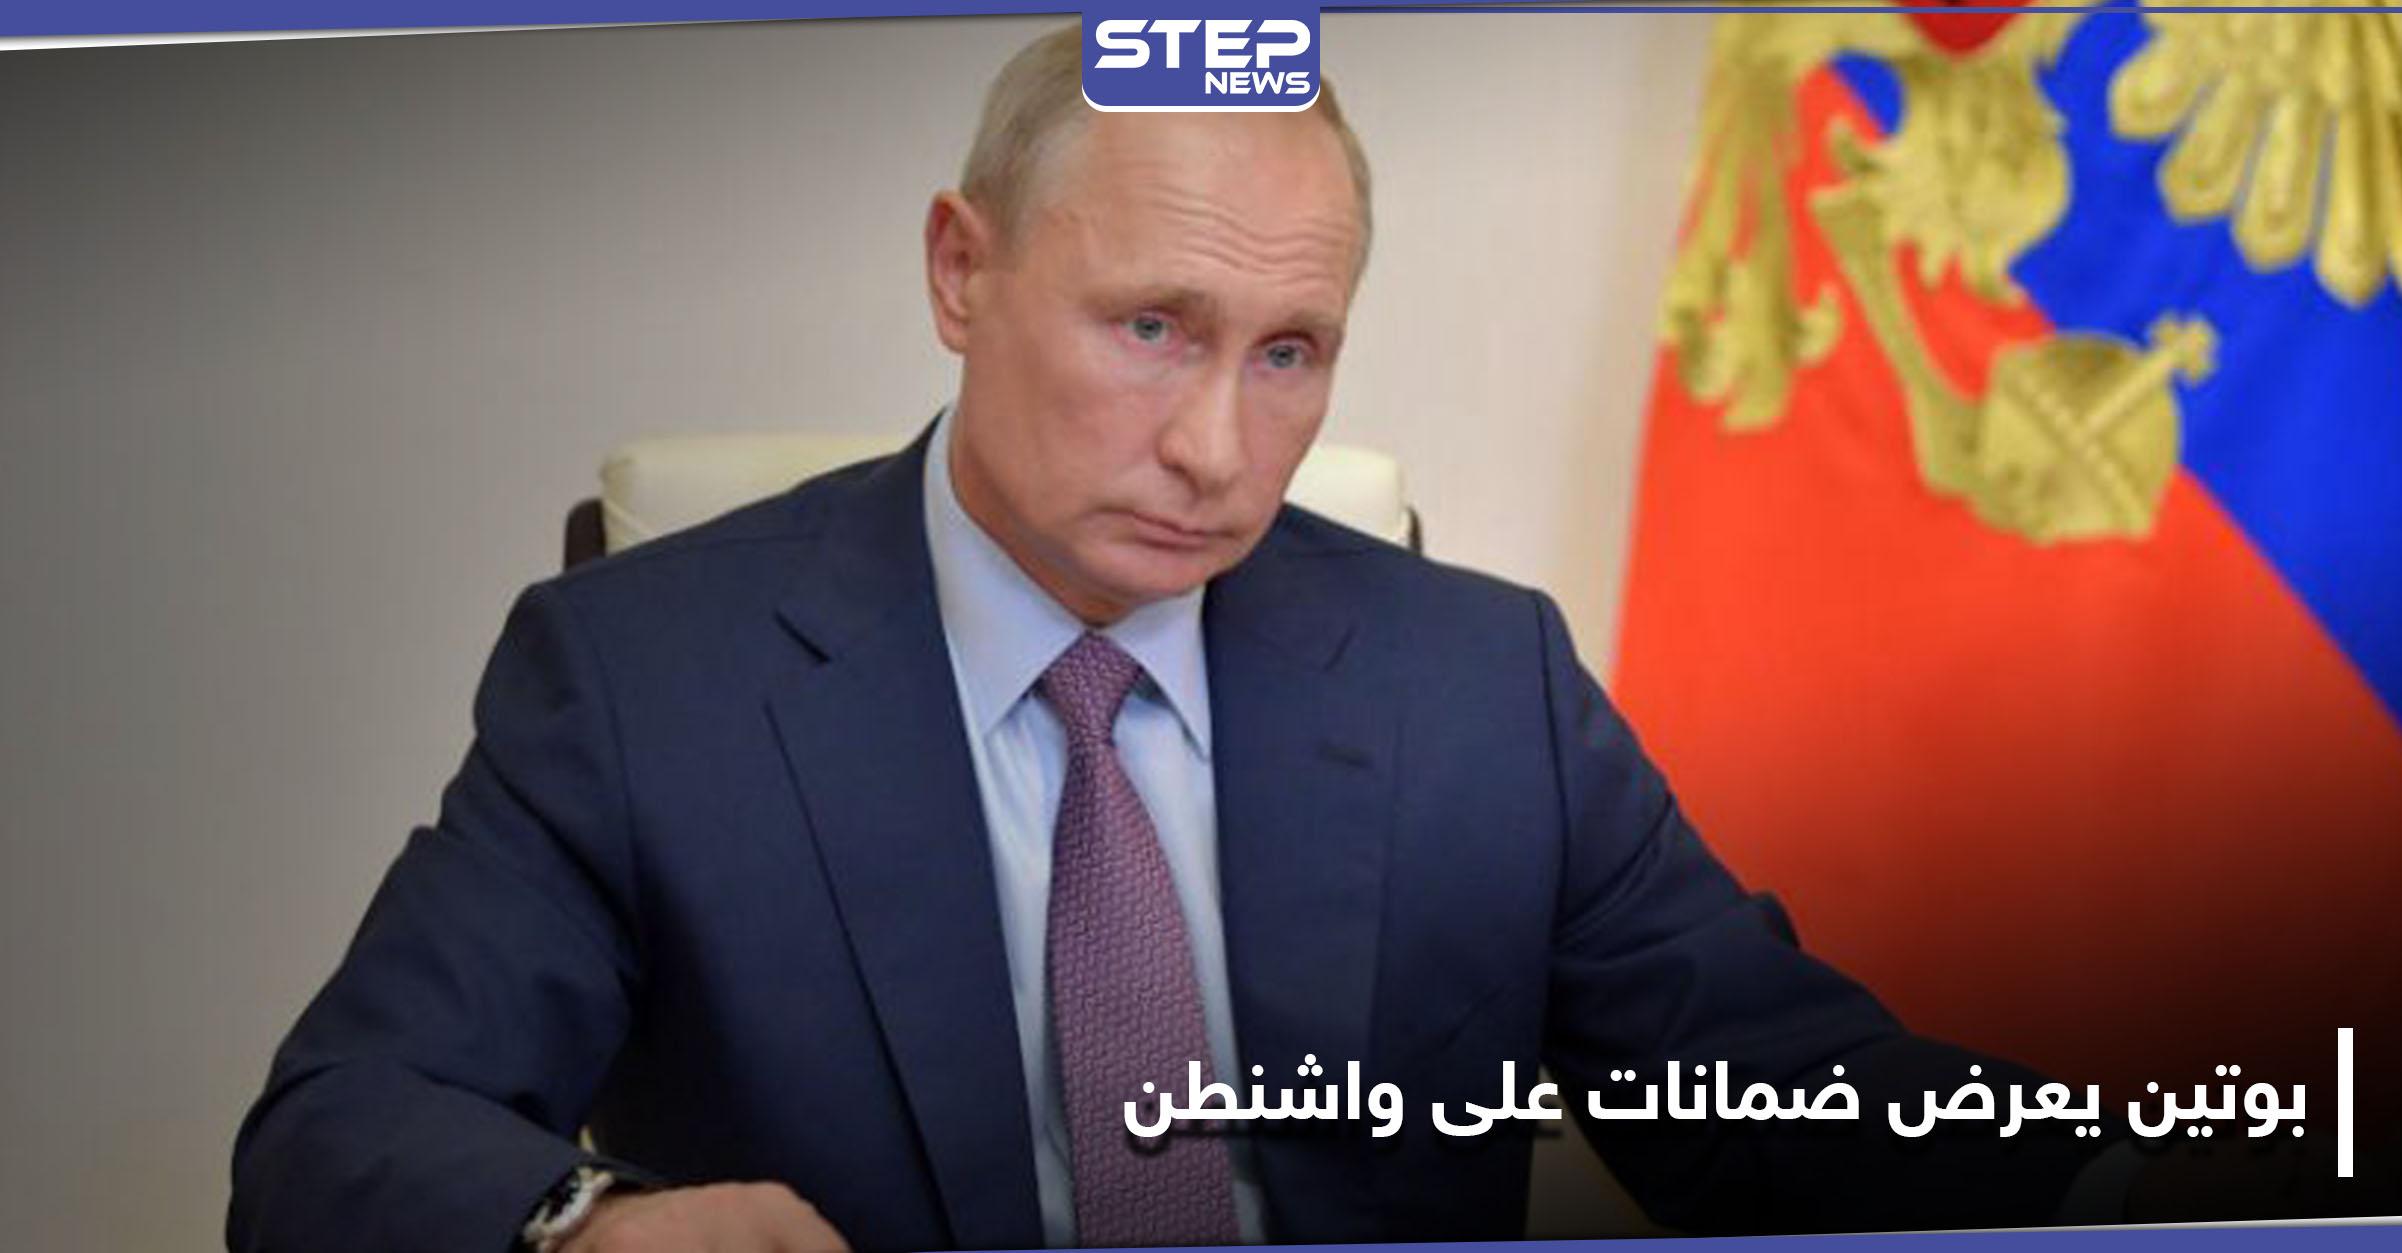 """بوتين يقترح على واشنطن """"معاهدة عالمية"""" لمنع التأثير في الانتخابات"""